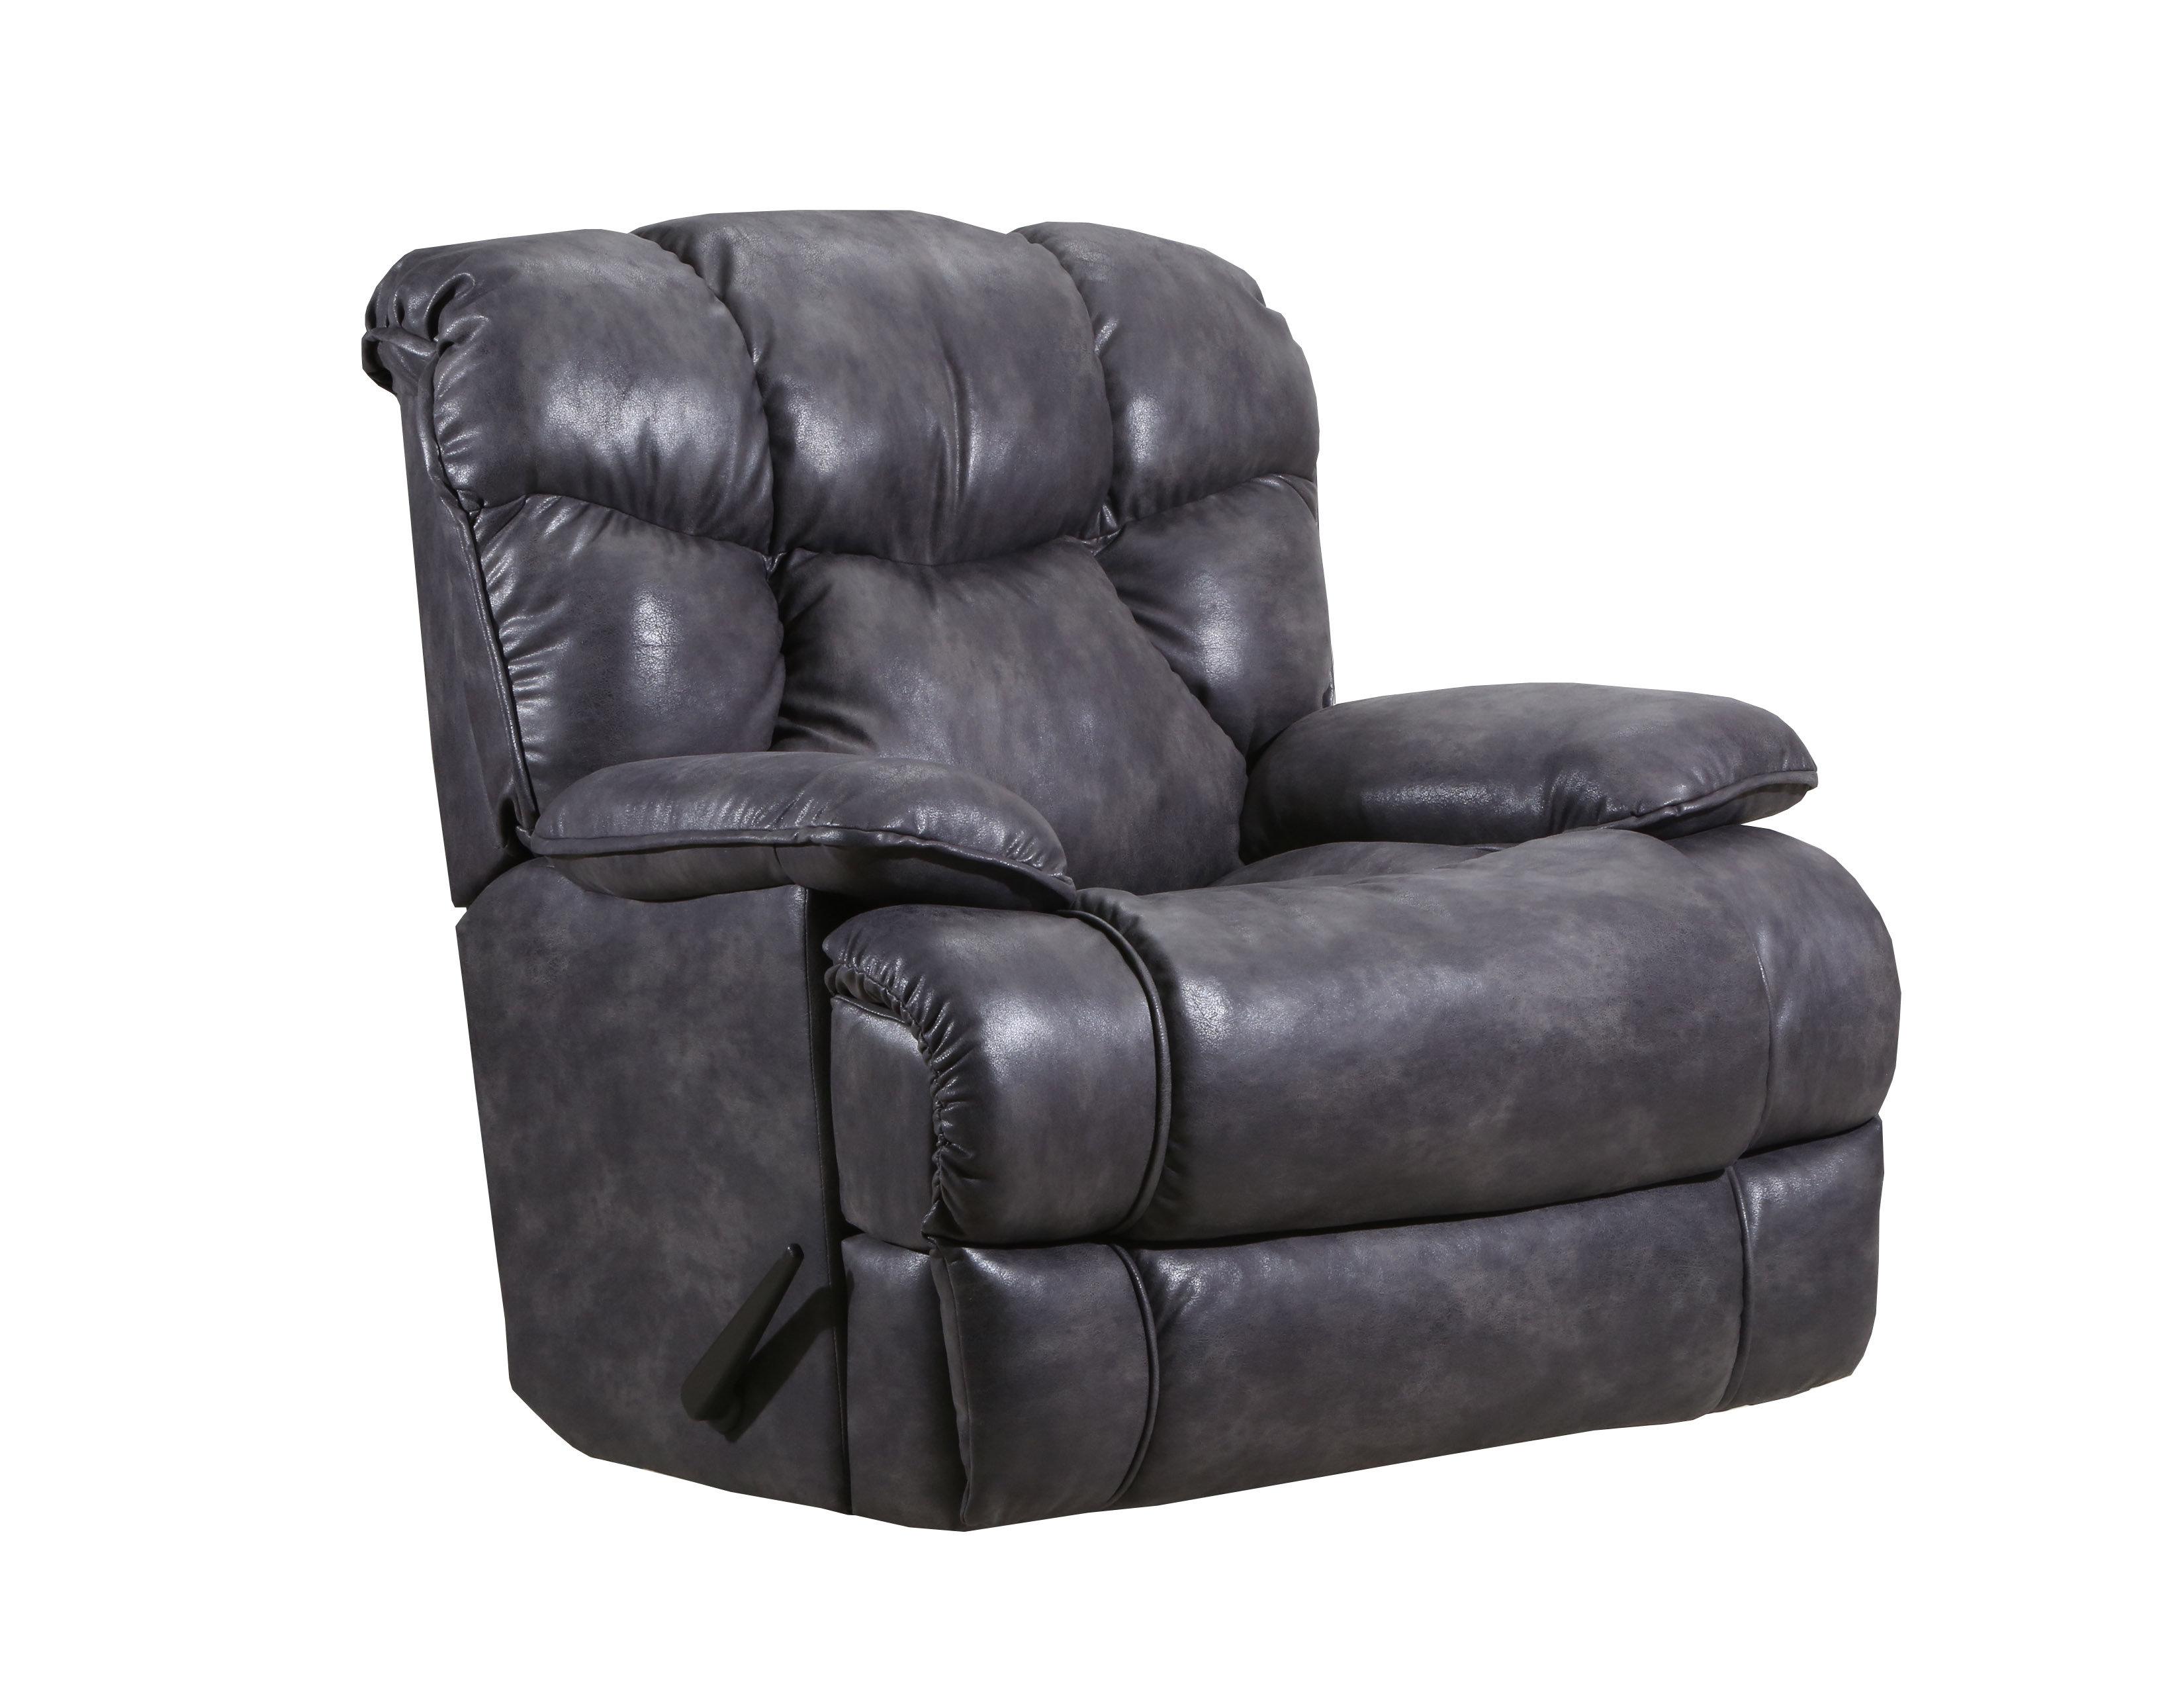 Lane Furniture Bruno Recliner Wayfair